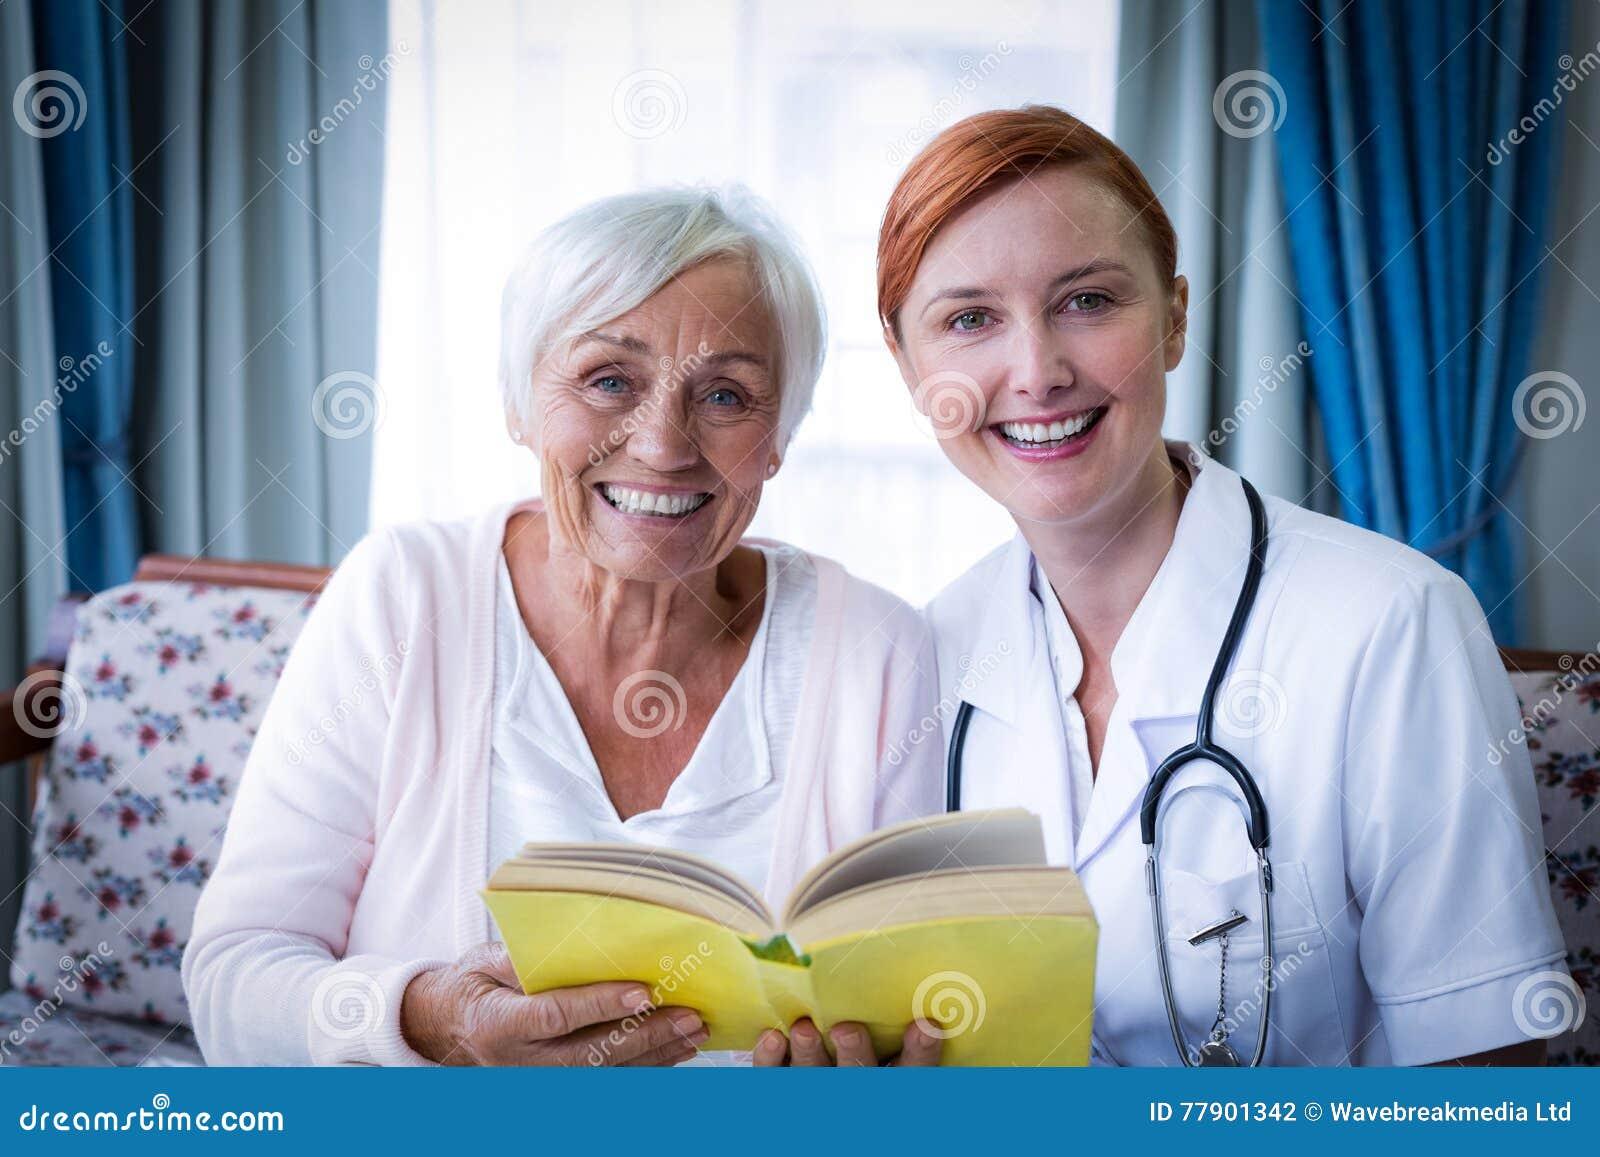 Porträt glücklichen Doktors und des Patienten